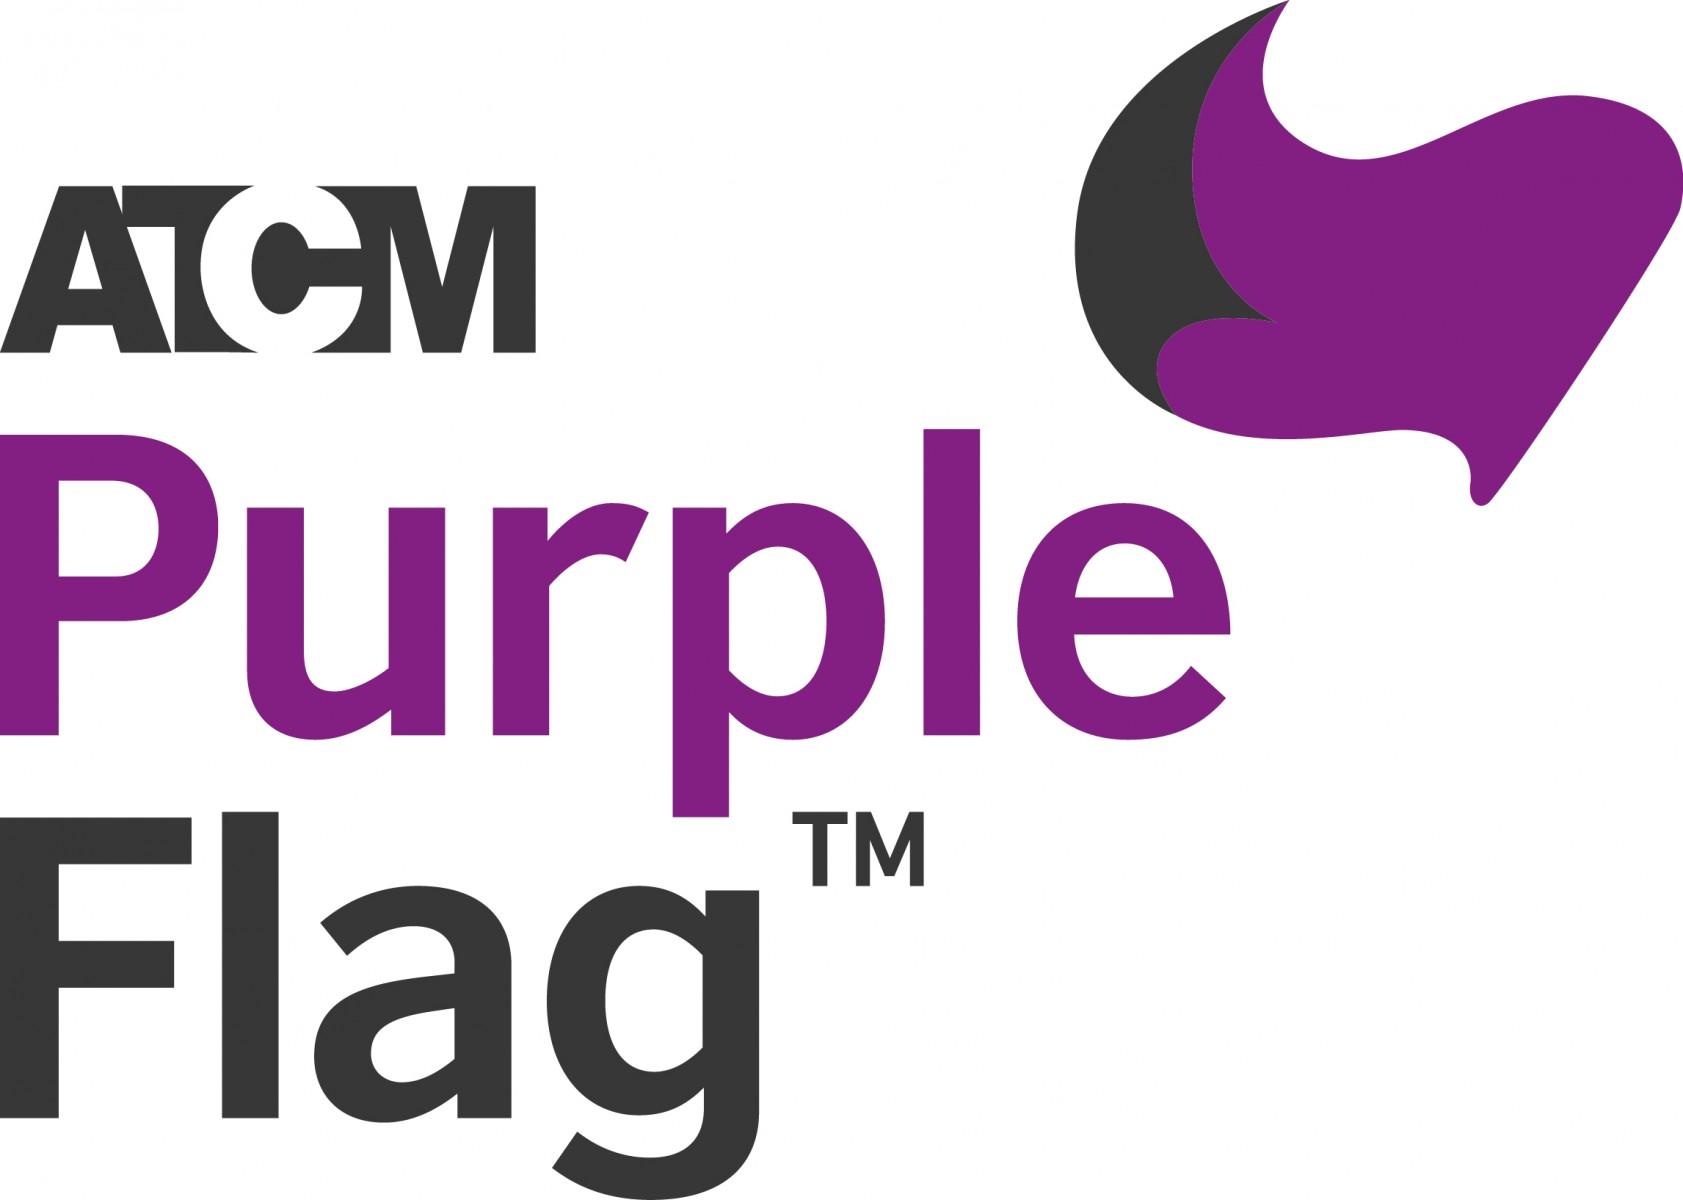 1920_purpleflag-165537.jpg